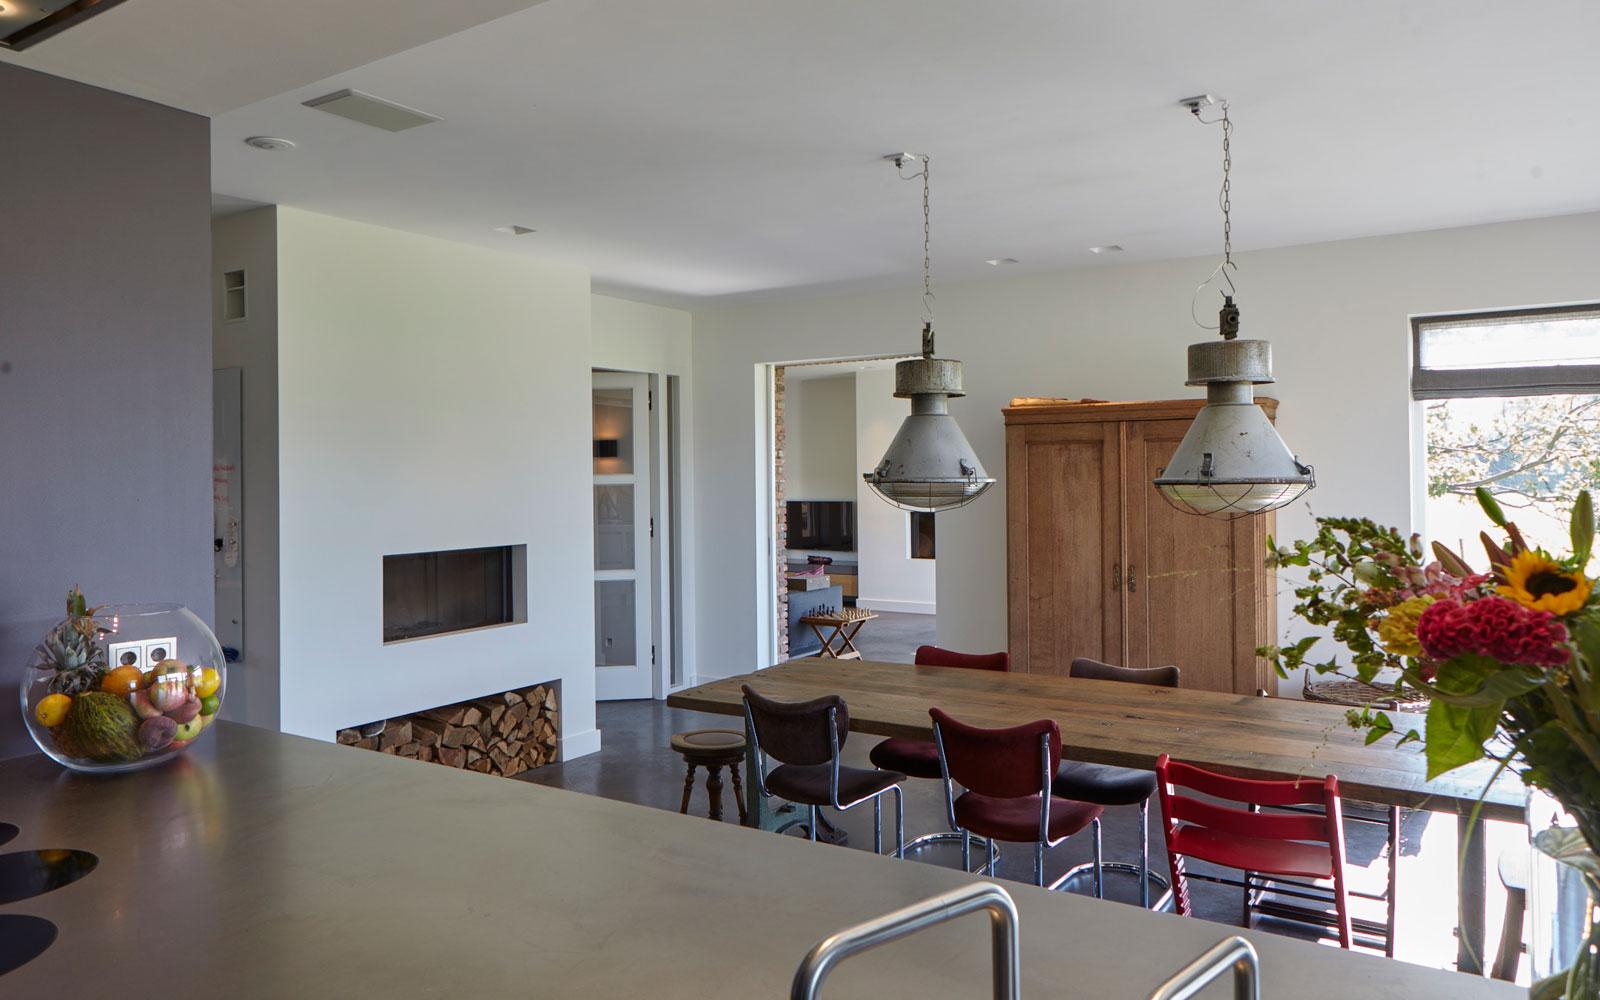 Ruime keuken, maatwerk, Tweede kamer Interiors, open haard, Vestia Kachels, sfeervol, lichtinval, houten tafel, landelijk, industrieel, Wolfs Architecten